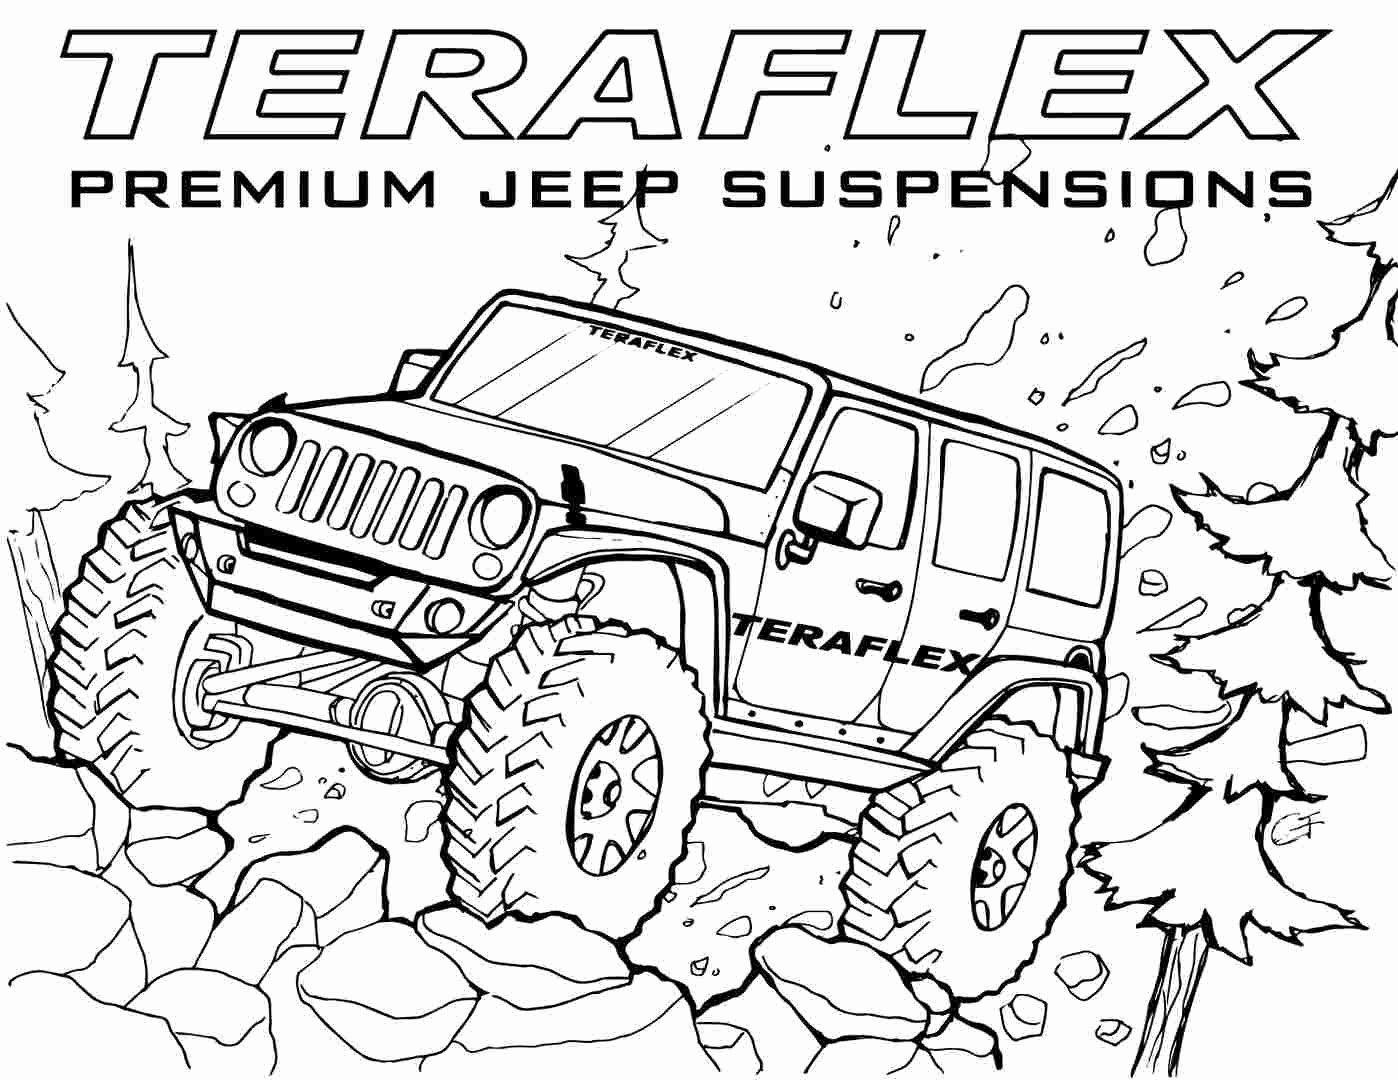 Cartoon Car Coloring Pages Elegant Teraflex Jeep Coloring Pages Gallery 39teraflex Jeep Coloring Pages Jeep Drawing Cars Coloring Pages